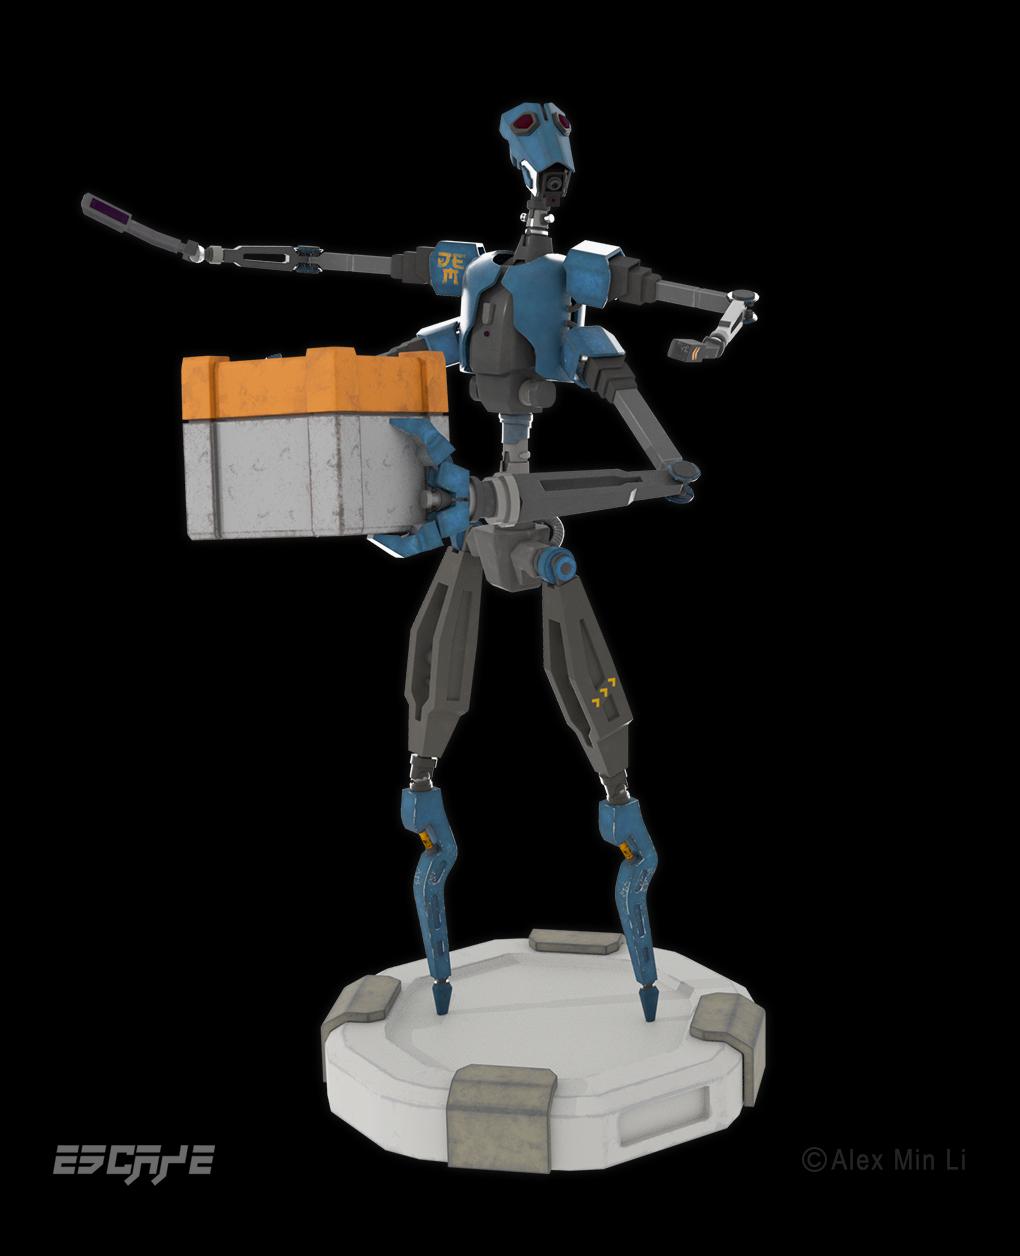 robot_pose2_b